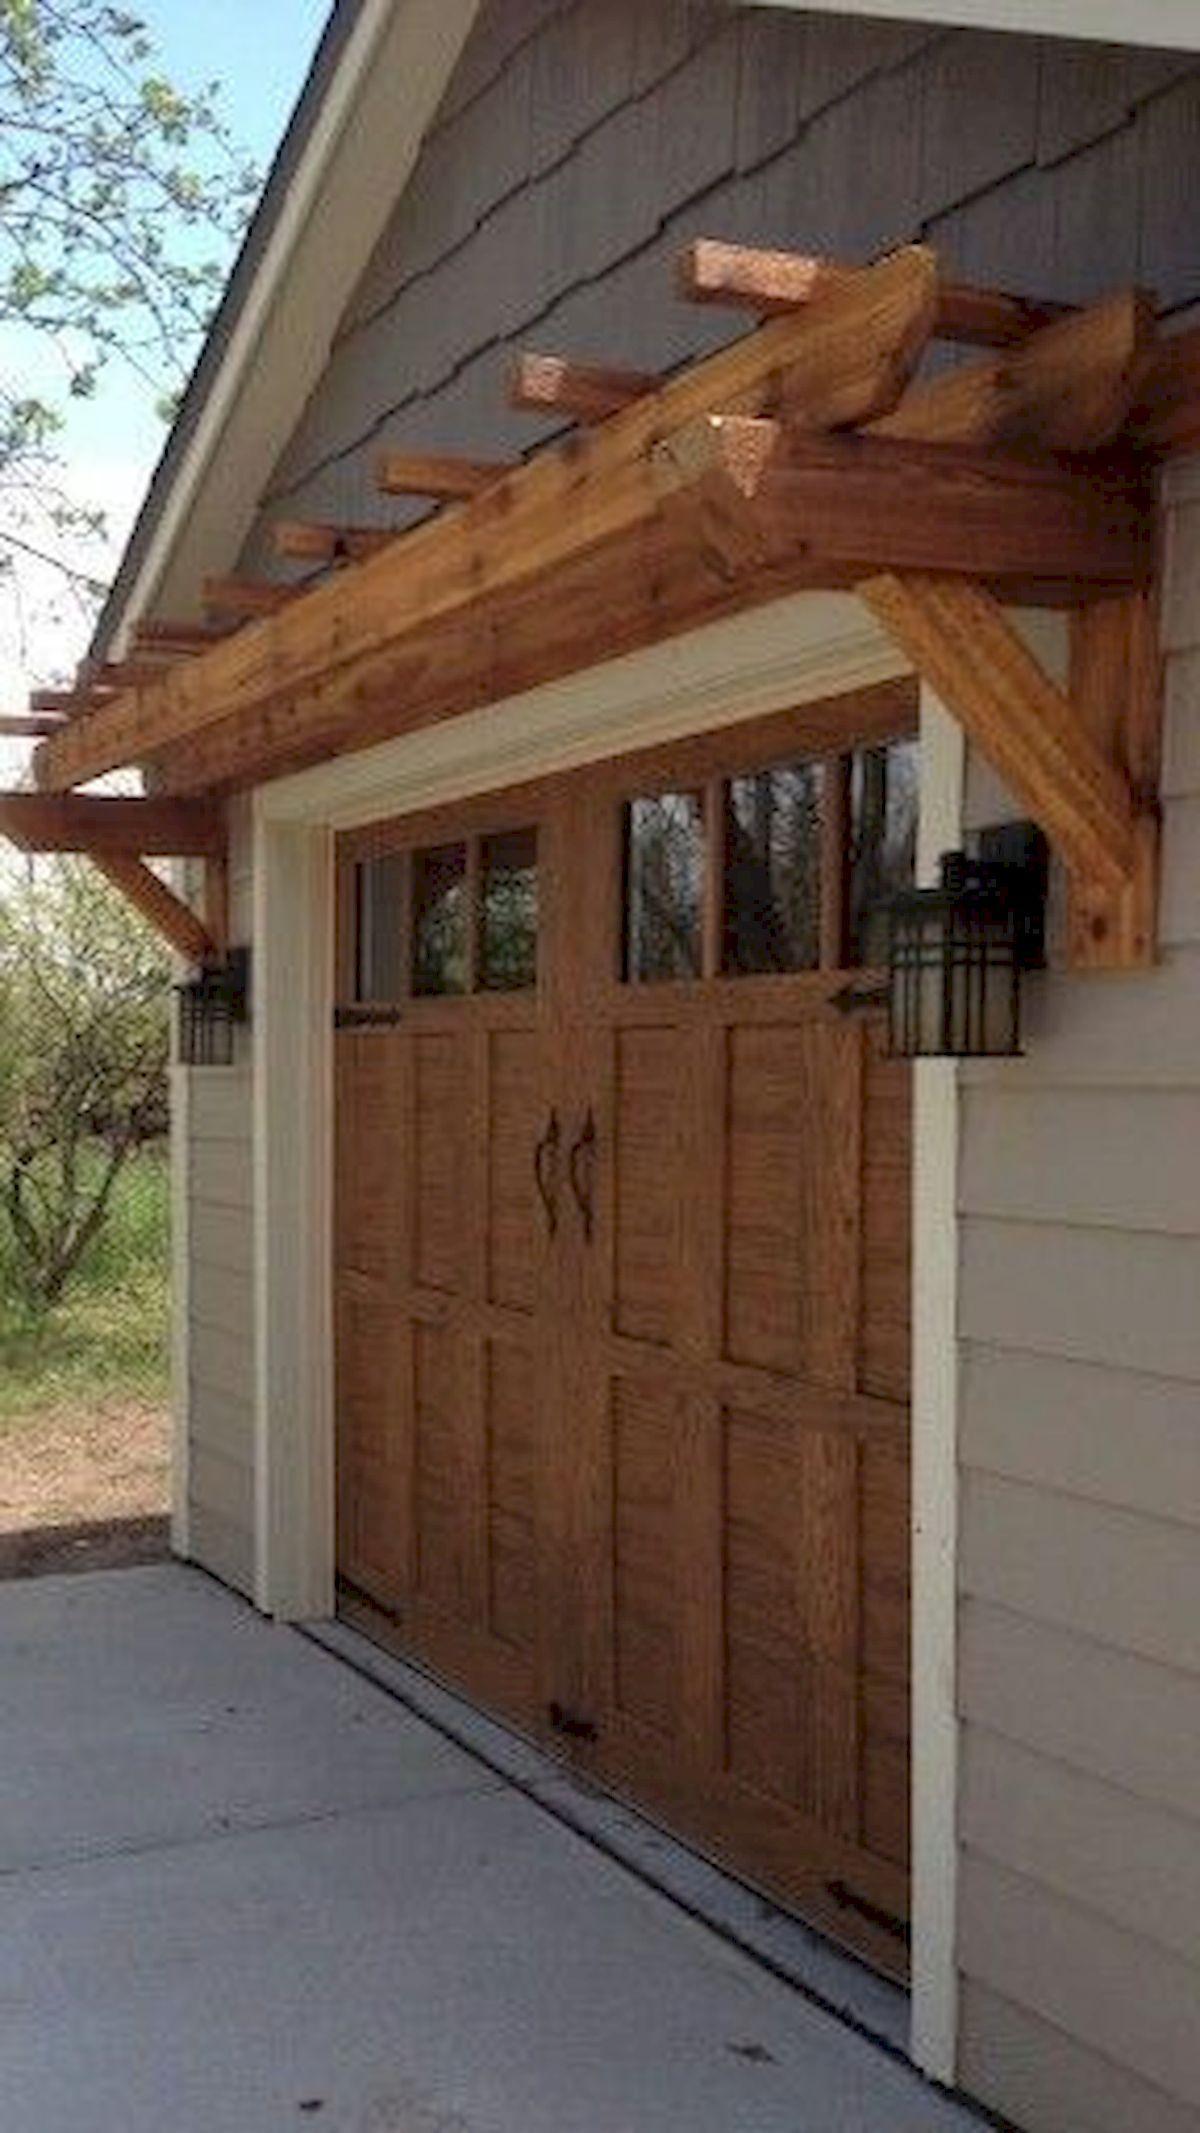 Garage & Shed - 606508343506629631